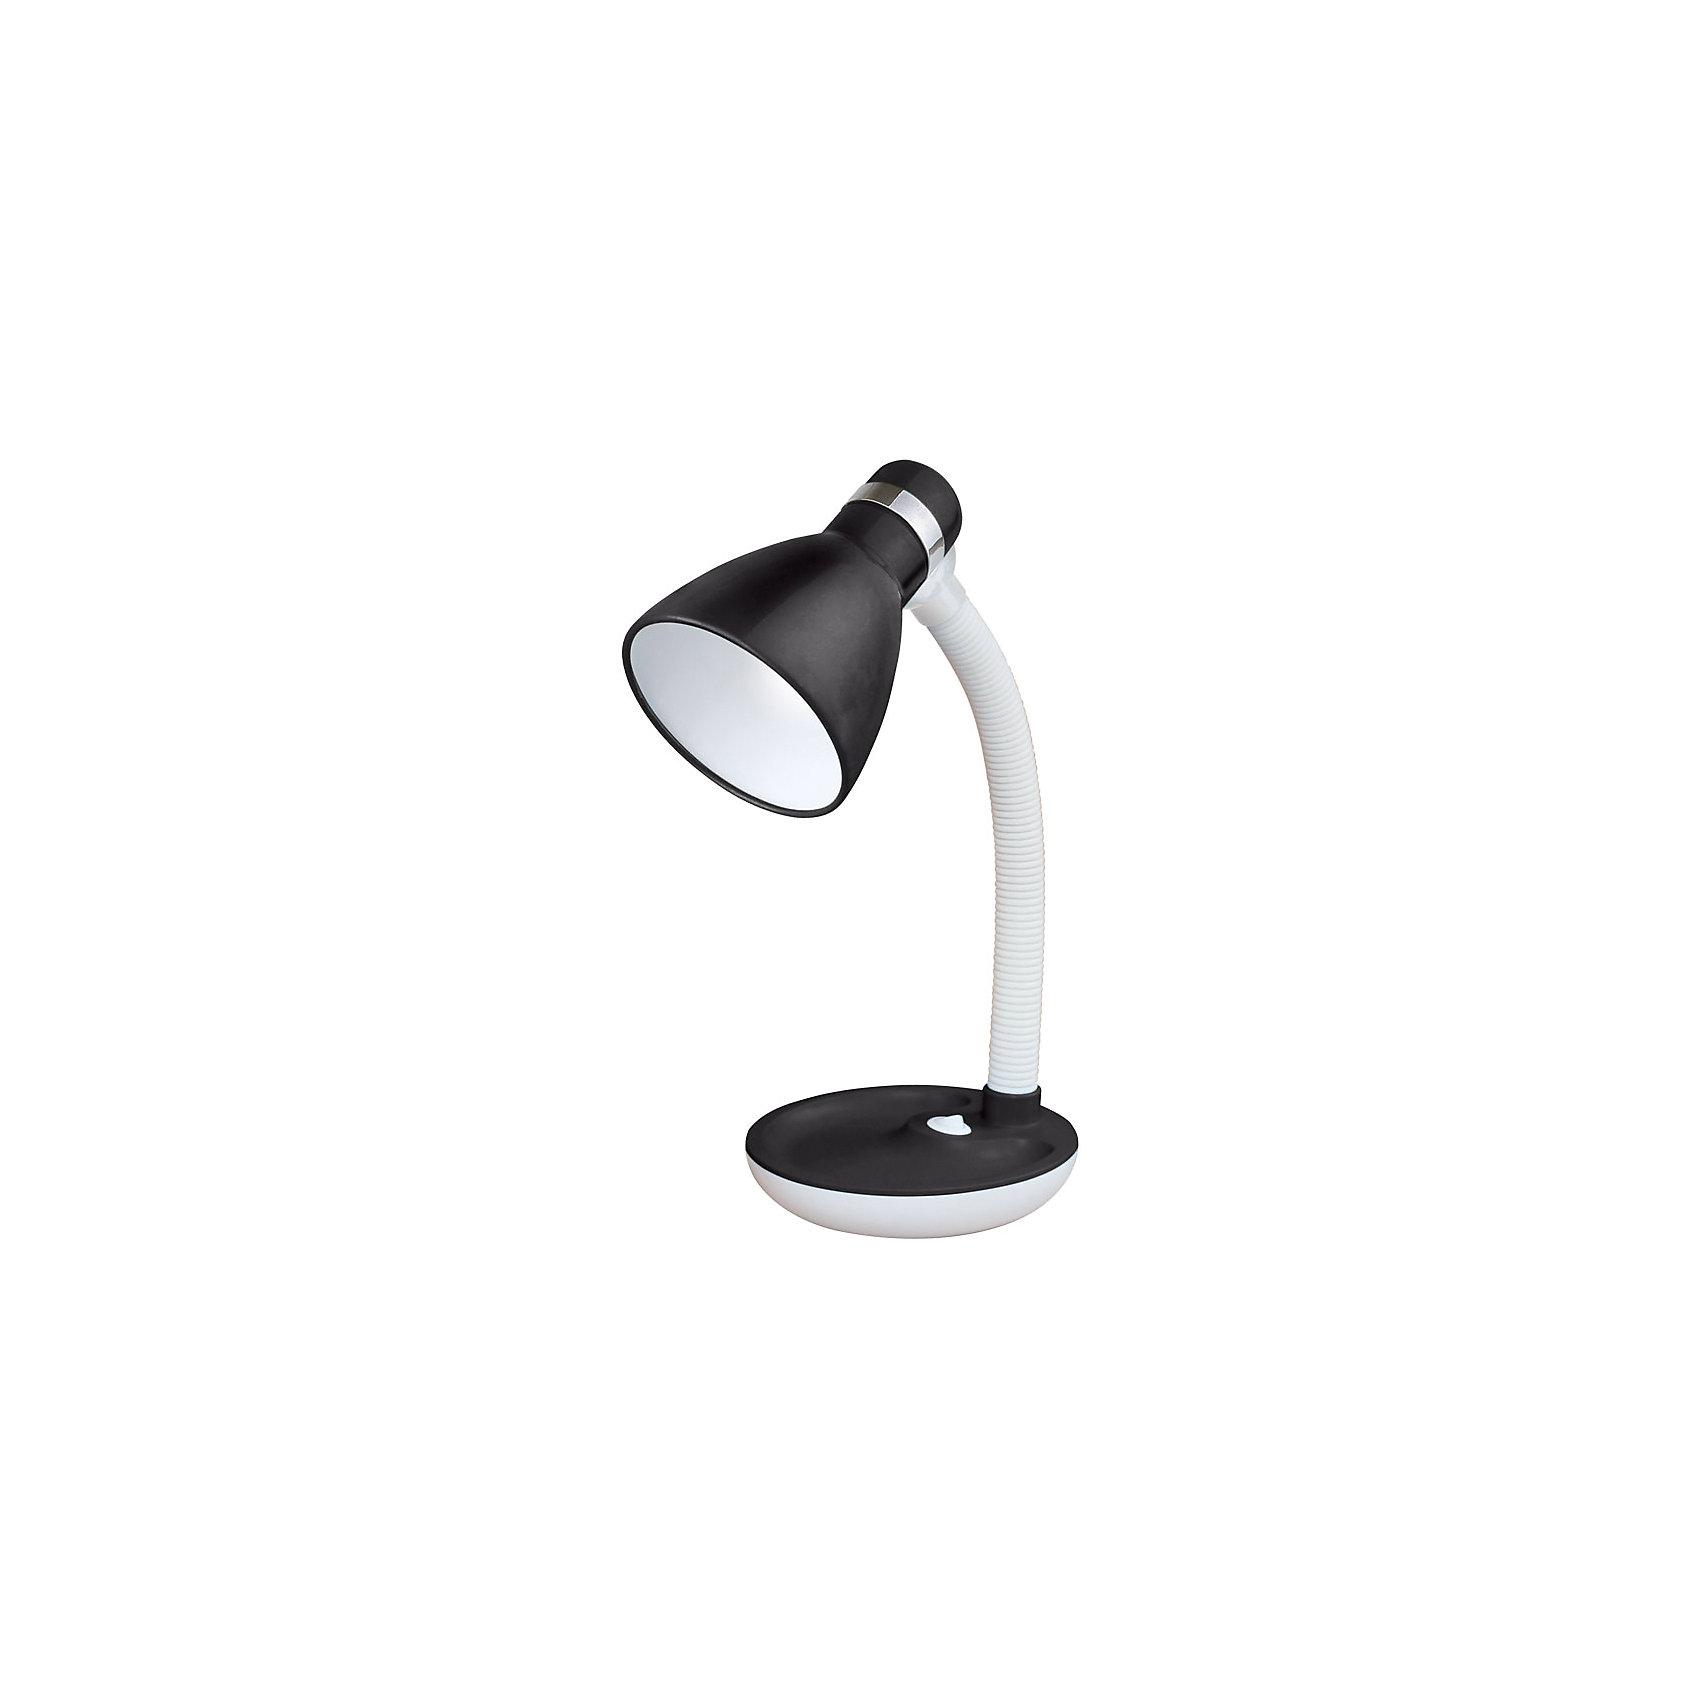 Лампа электрическая настольная EN-DL16, Energy, черно-белыйЭлектрическая лампа на подставке с кнопкой включения и выключения. Высота лампы регулируется, изменяется угол наклона абажура. <br>Лампа предназначена для лампочек со стандартным цоколем Е27. <br><br>Дополнительная информация:<br><br>Размеры лампы: 19х16х15 см<br> <br>Мощность: 40 Вт<br>Длина шнура: 1,2 м<br>Высота лампы: 360 мм<br>Диаметр абажура: 105 мм<br><br>Обратите внимание: лампочки в комплект поставки не входят!<br><br>Лампу электрическую настольную EN-DL16, Energy, черно-белую можно купить в нашем интернет-магазине.<br><br>Ширина мм: 160<br>Глубина мм: 150<br>Высота мм: 190<br>Вес г: 905<br>Возраст от месяцев: 36<br>Возраст до месяцев: 1080<br>Пол: Унисекс<br>Возраст: Детский<br>SKU: 4989904